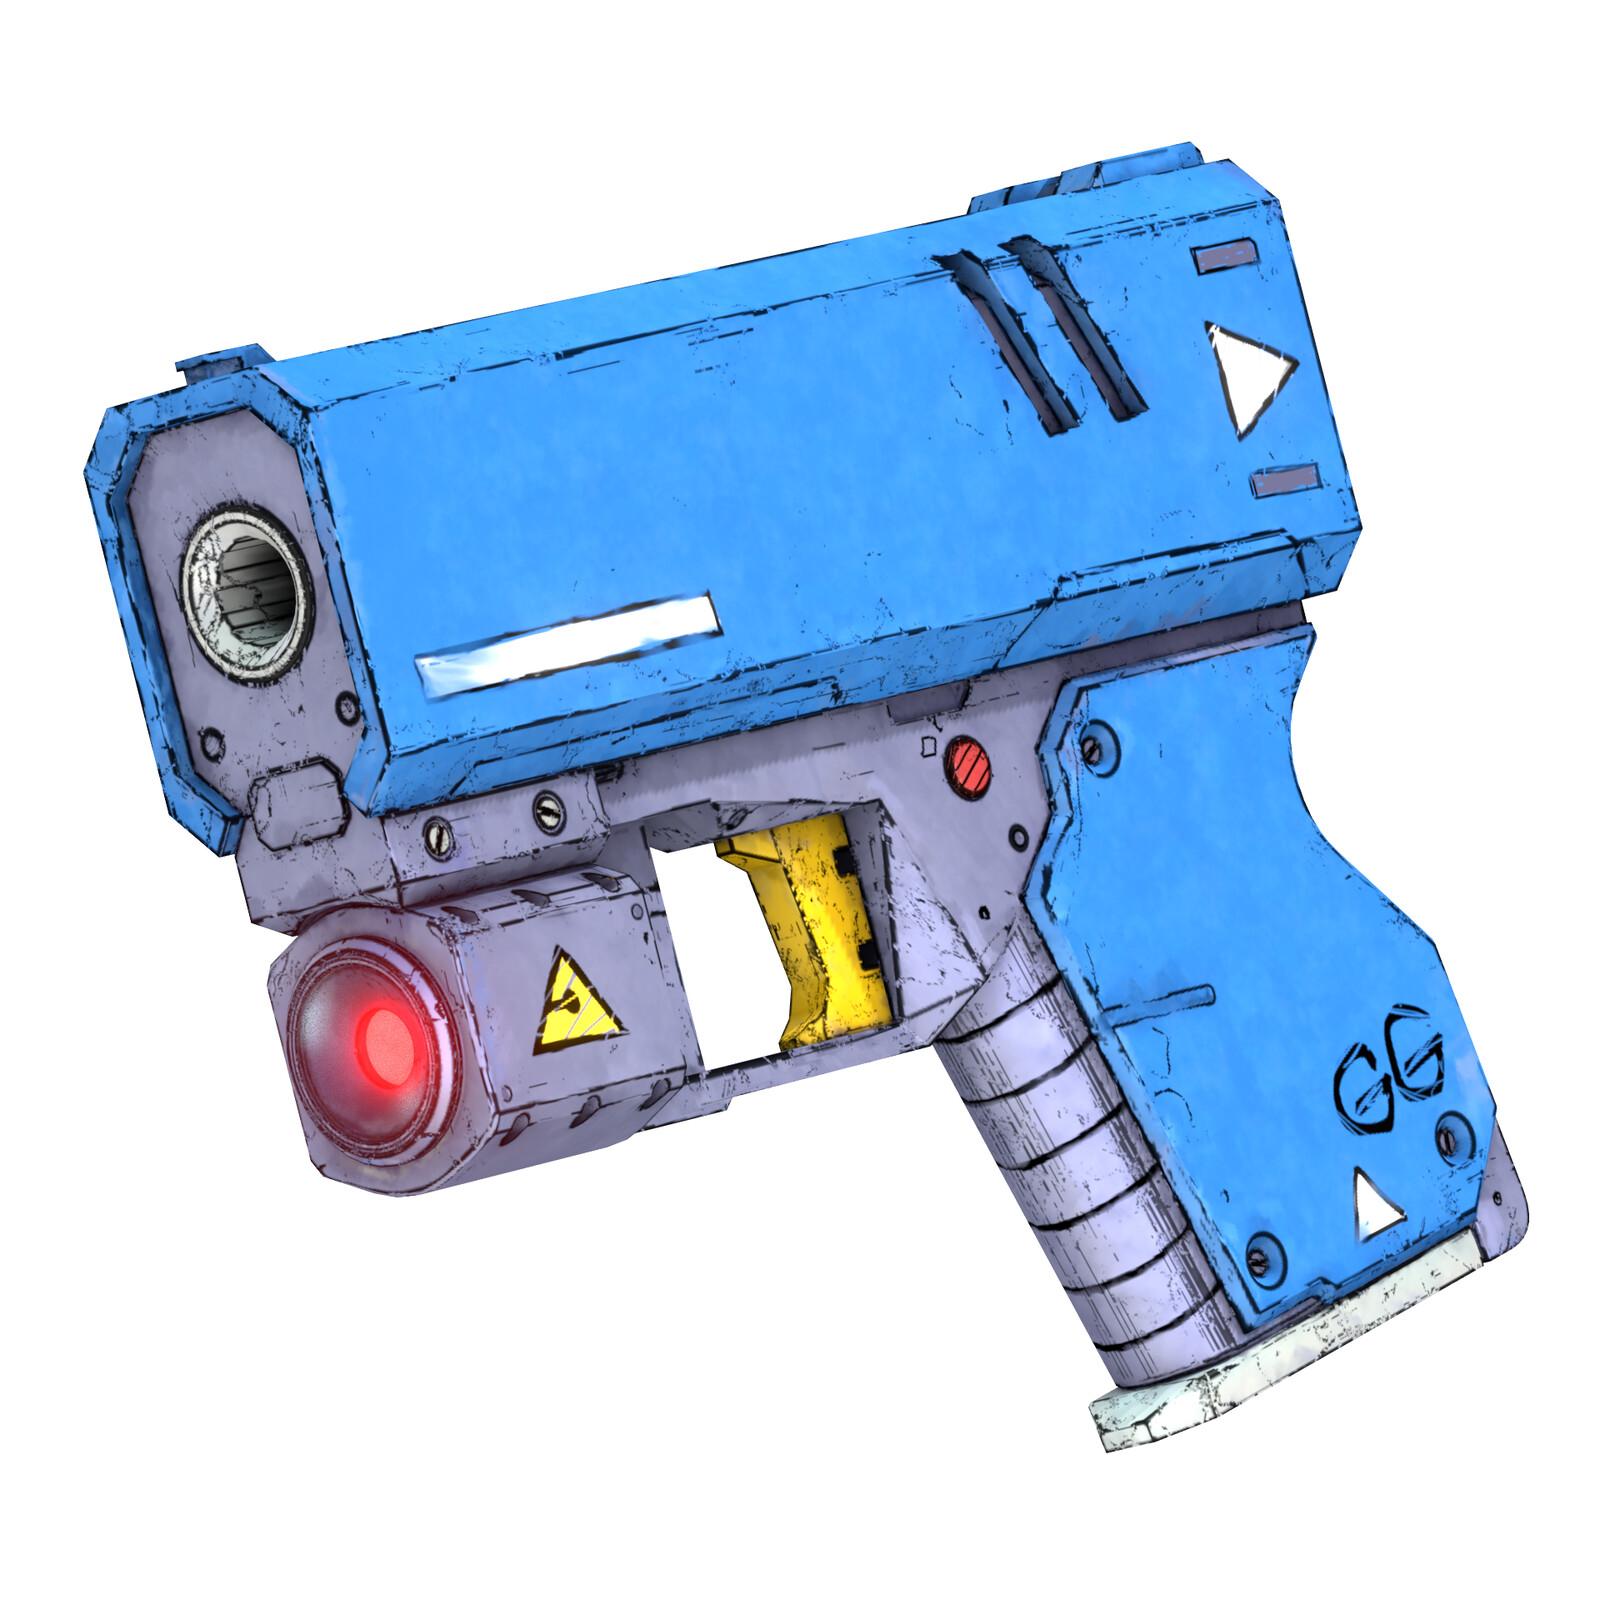 Compact Personal Defense Gun - Handpainted